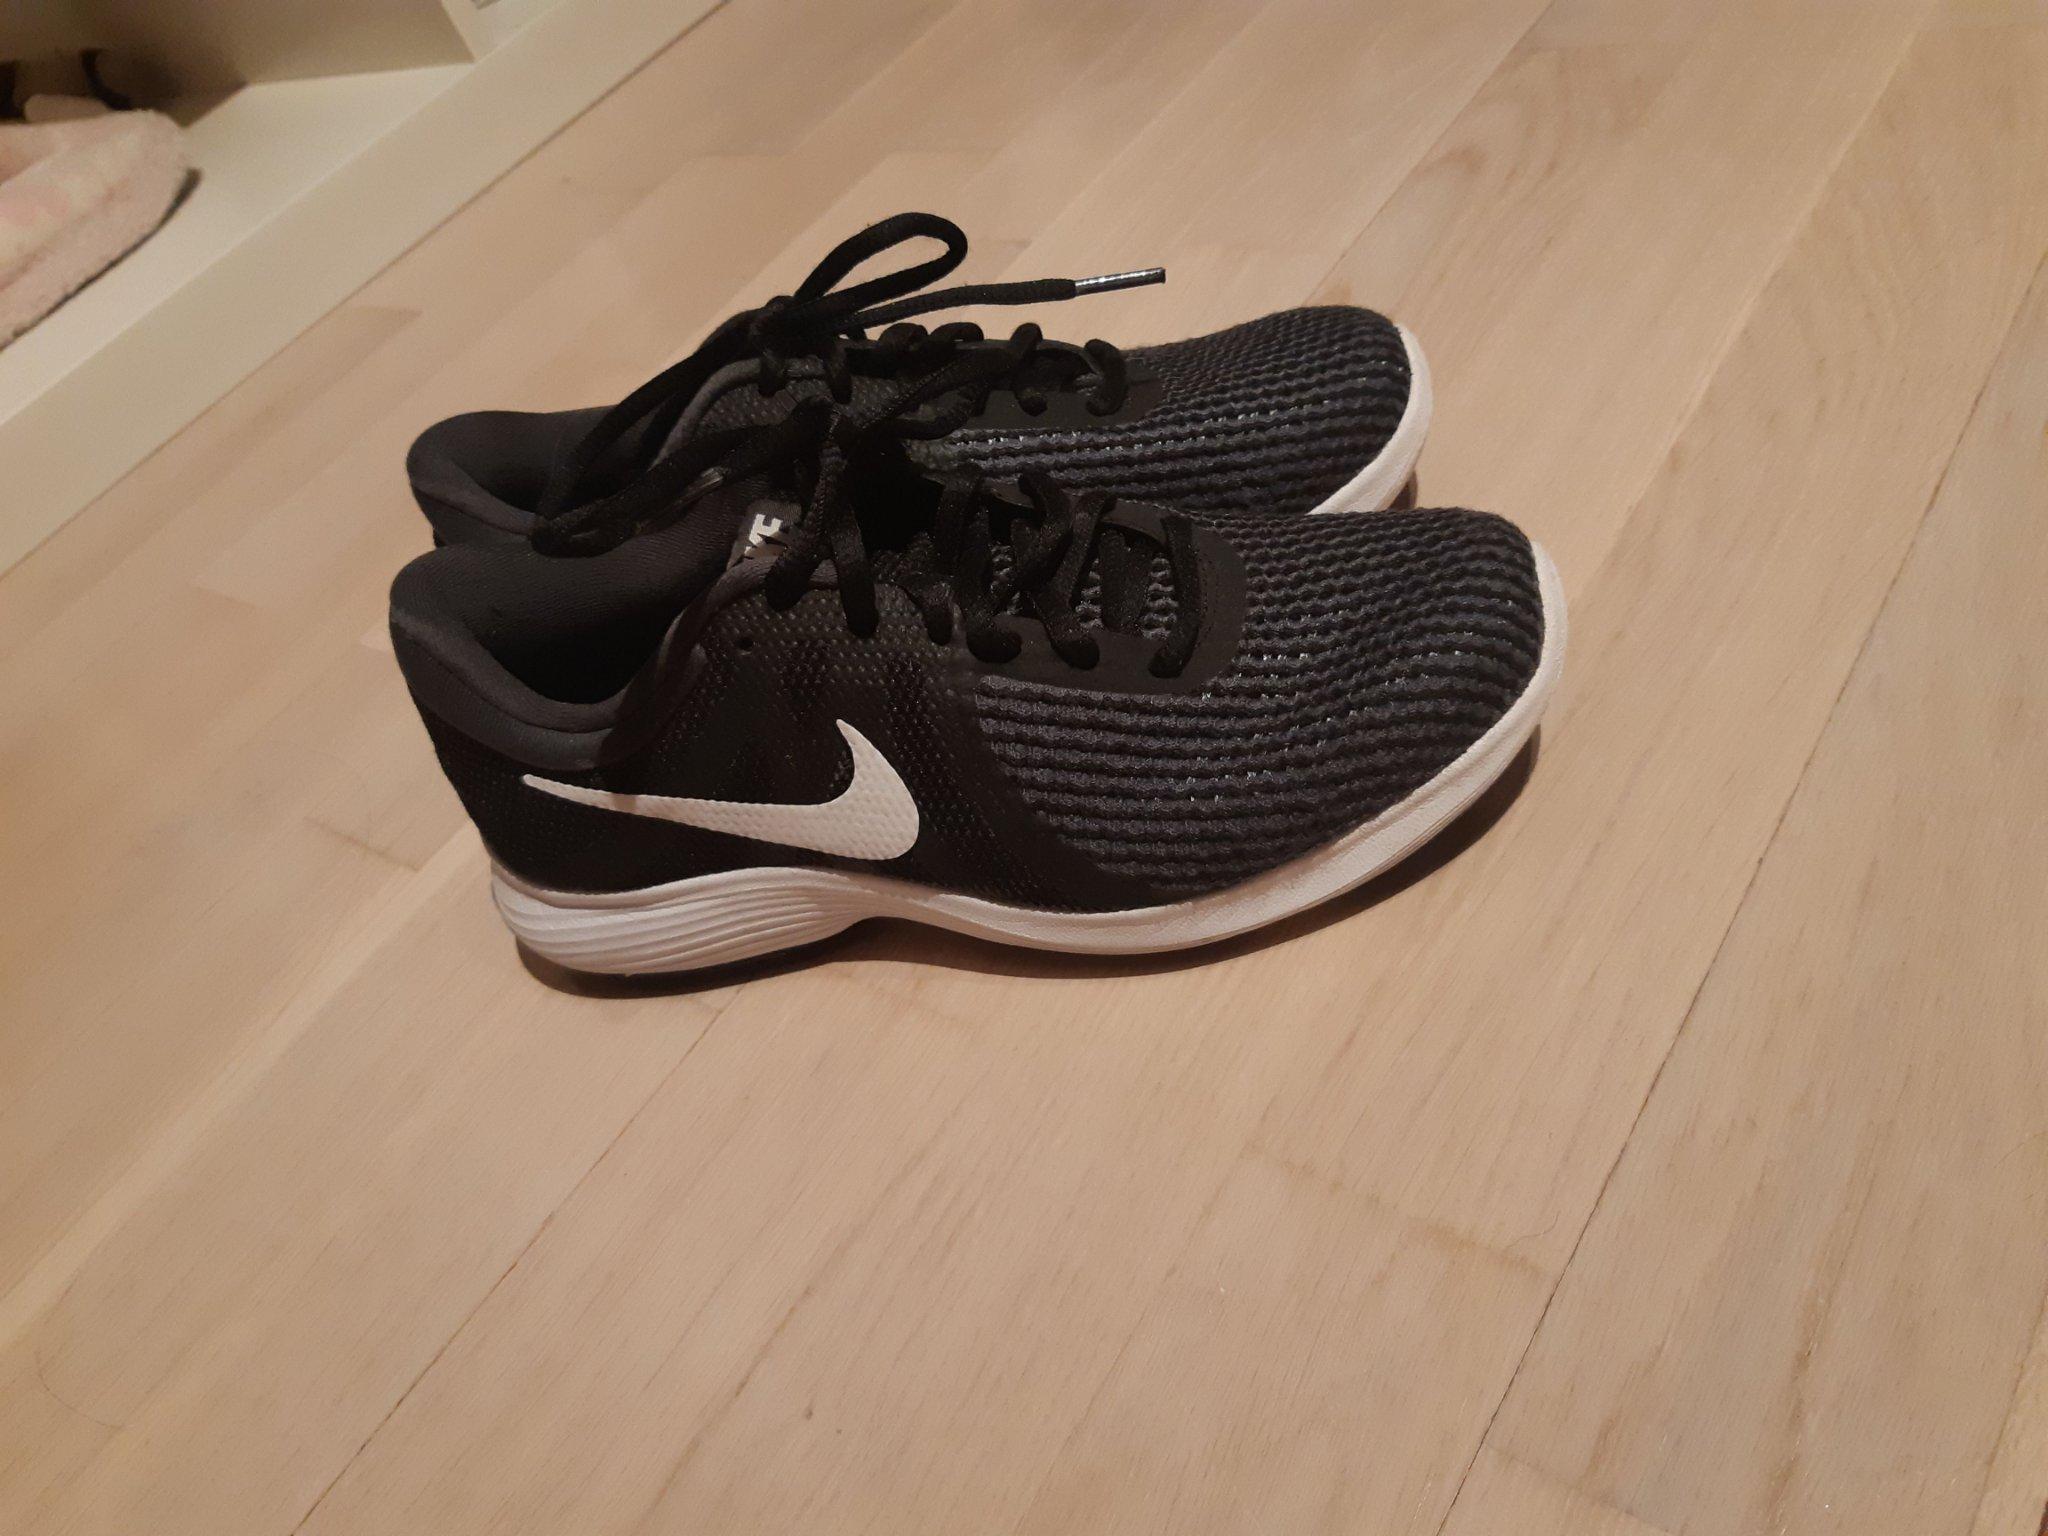 Nike Skor strl 36,5 (356799618) ? K?p p? Tradera